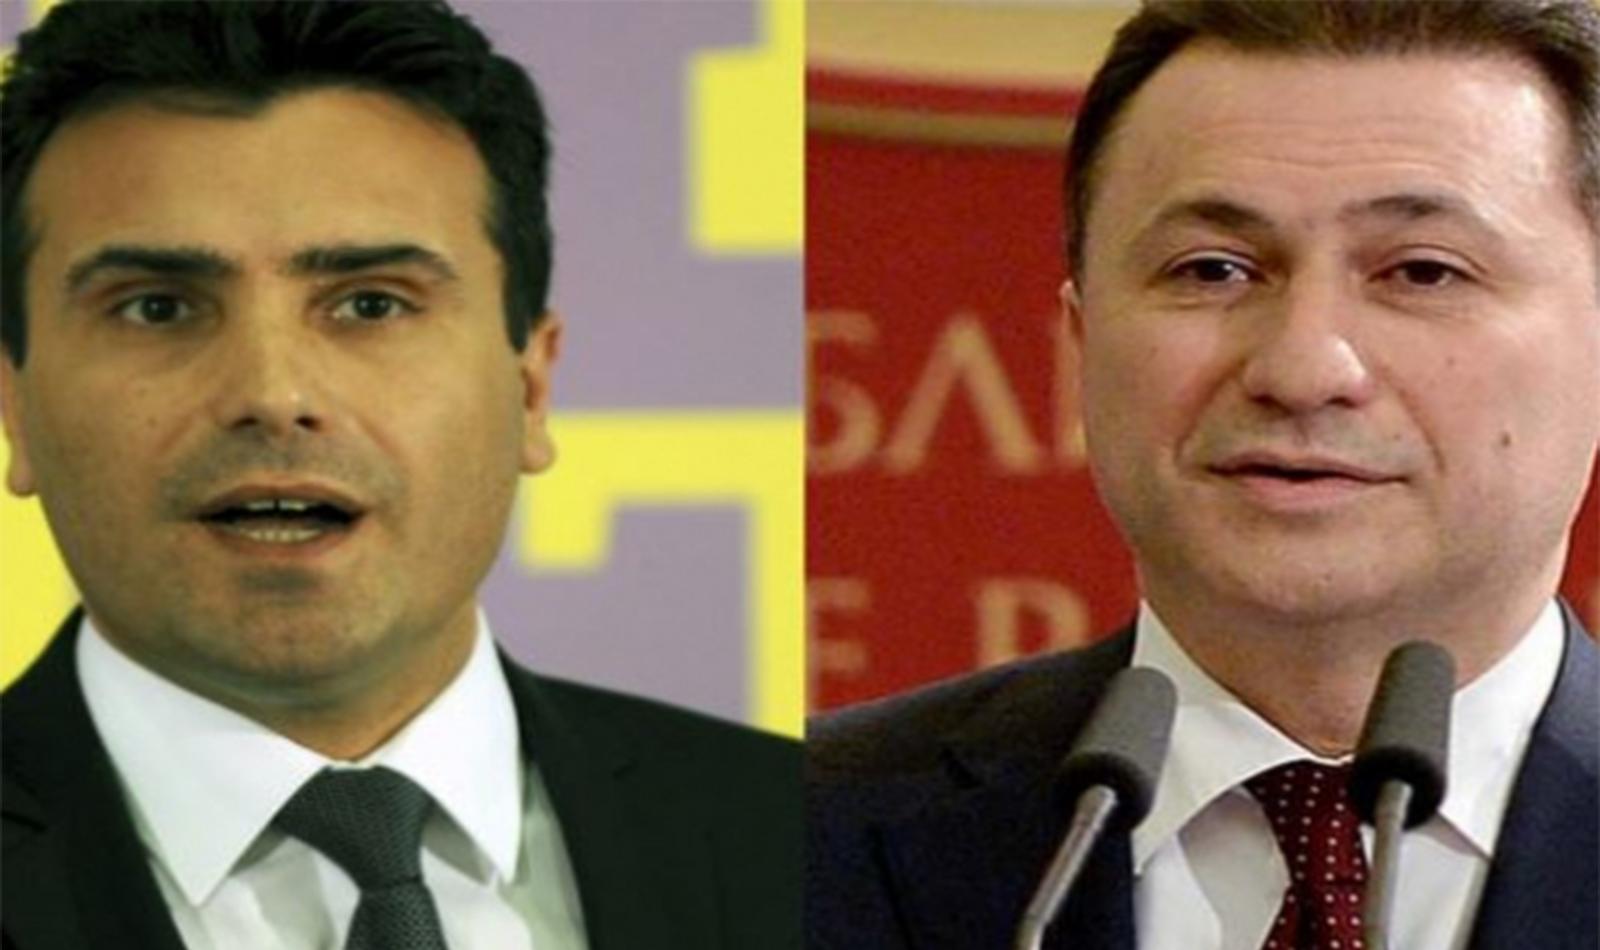 Përplasja VMRO LSDM  zgjedhje apo qeveri të re